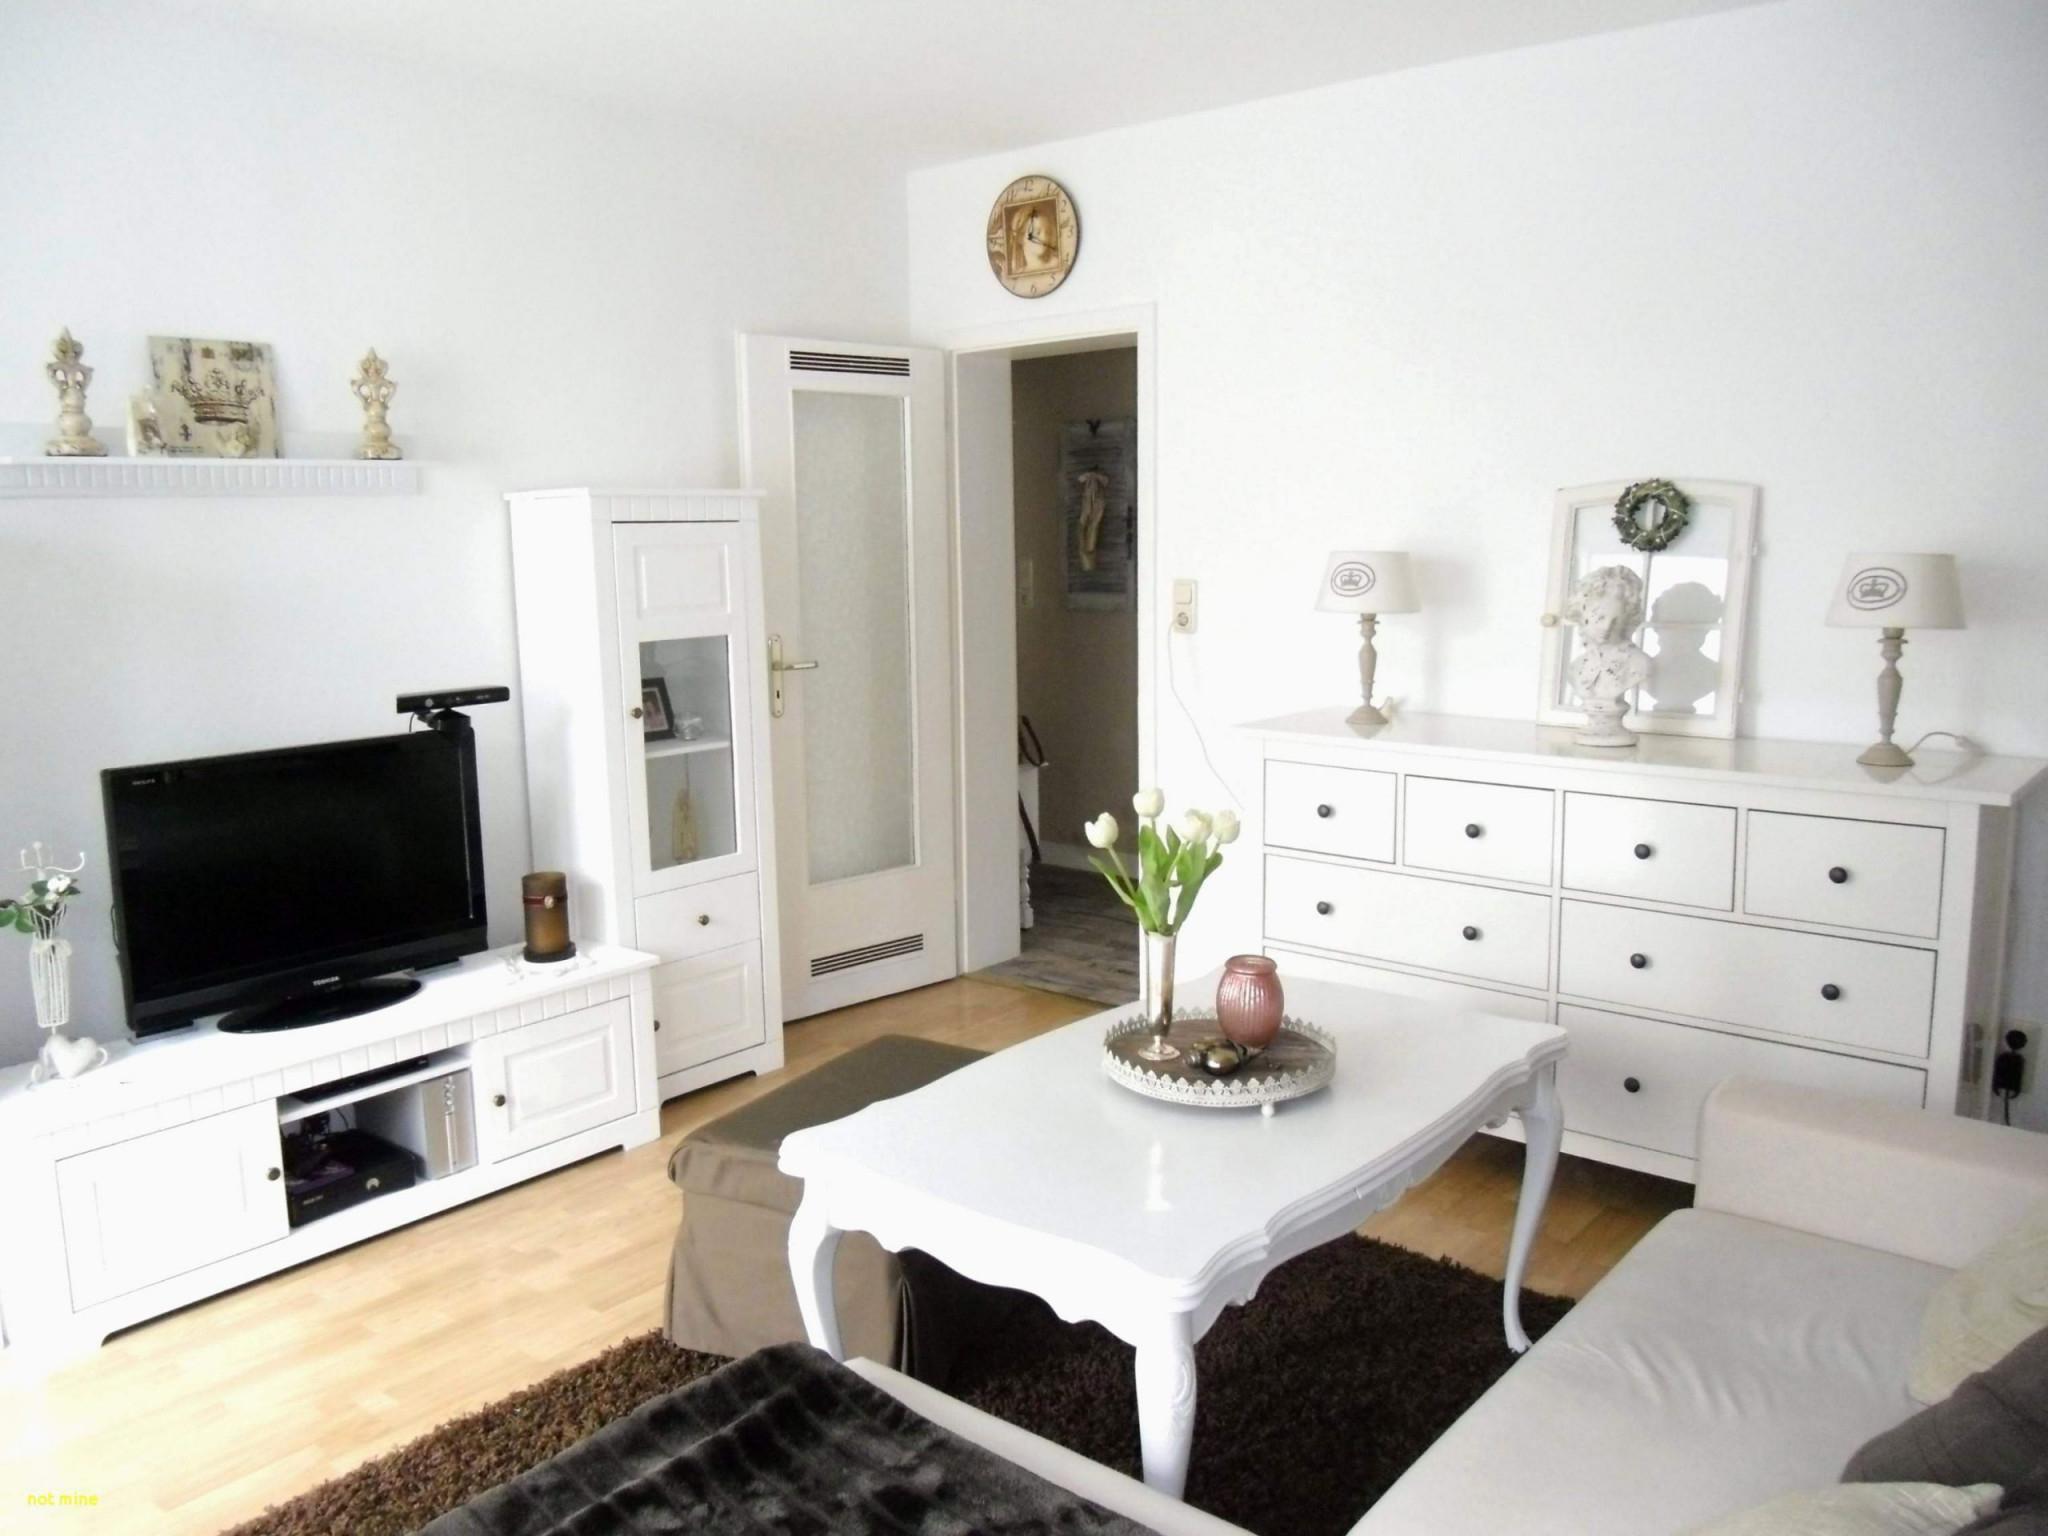 Wohnzimmer Design Ideen Einzigartig 29 Elegant Deko Bilder von Dekoration Wohnzimmer Ideen Bild